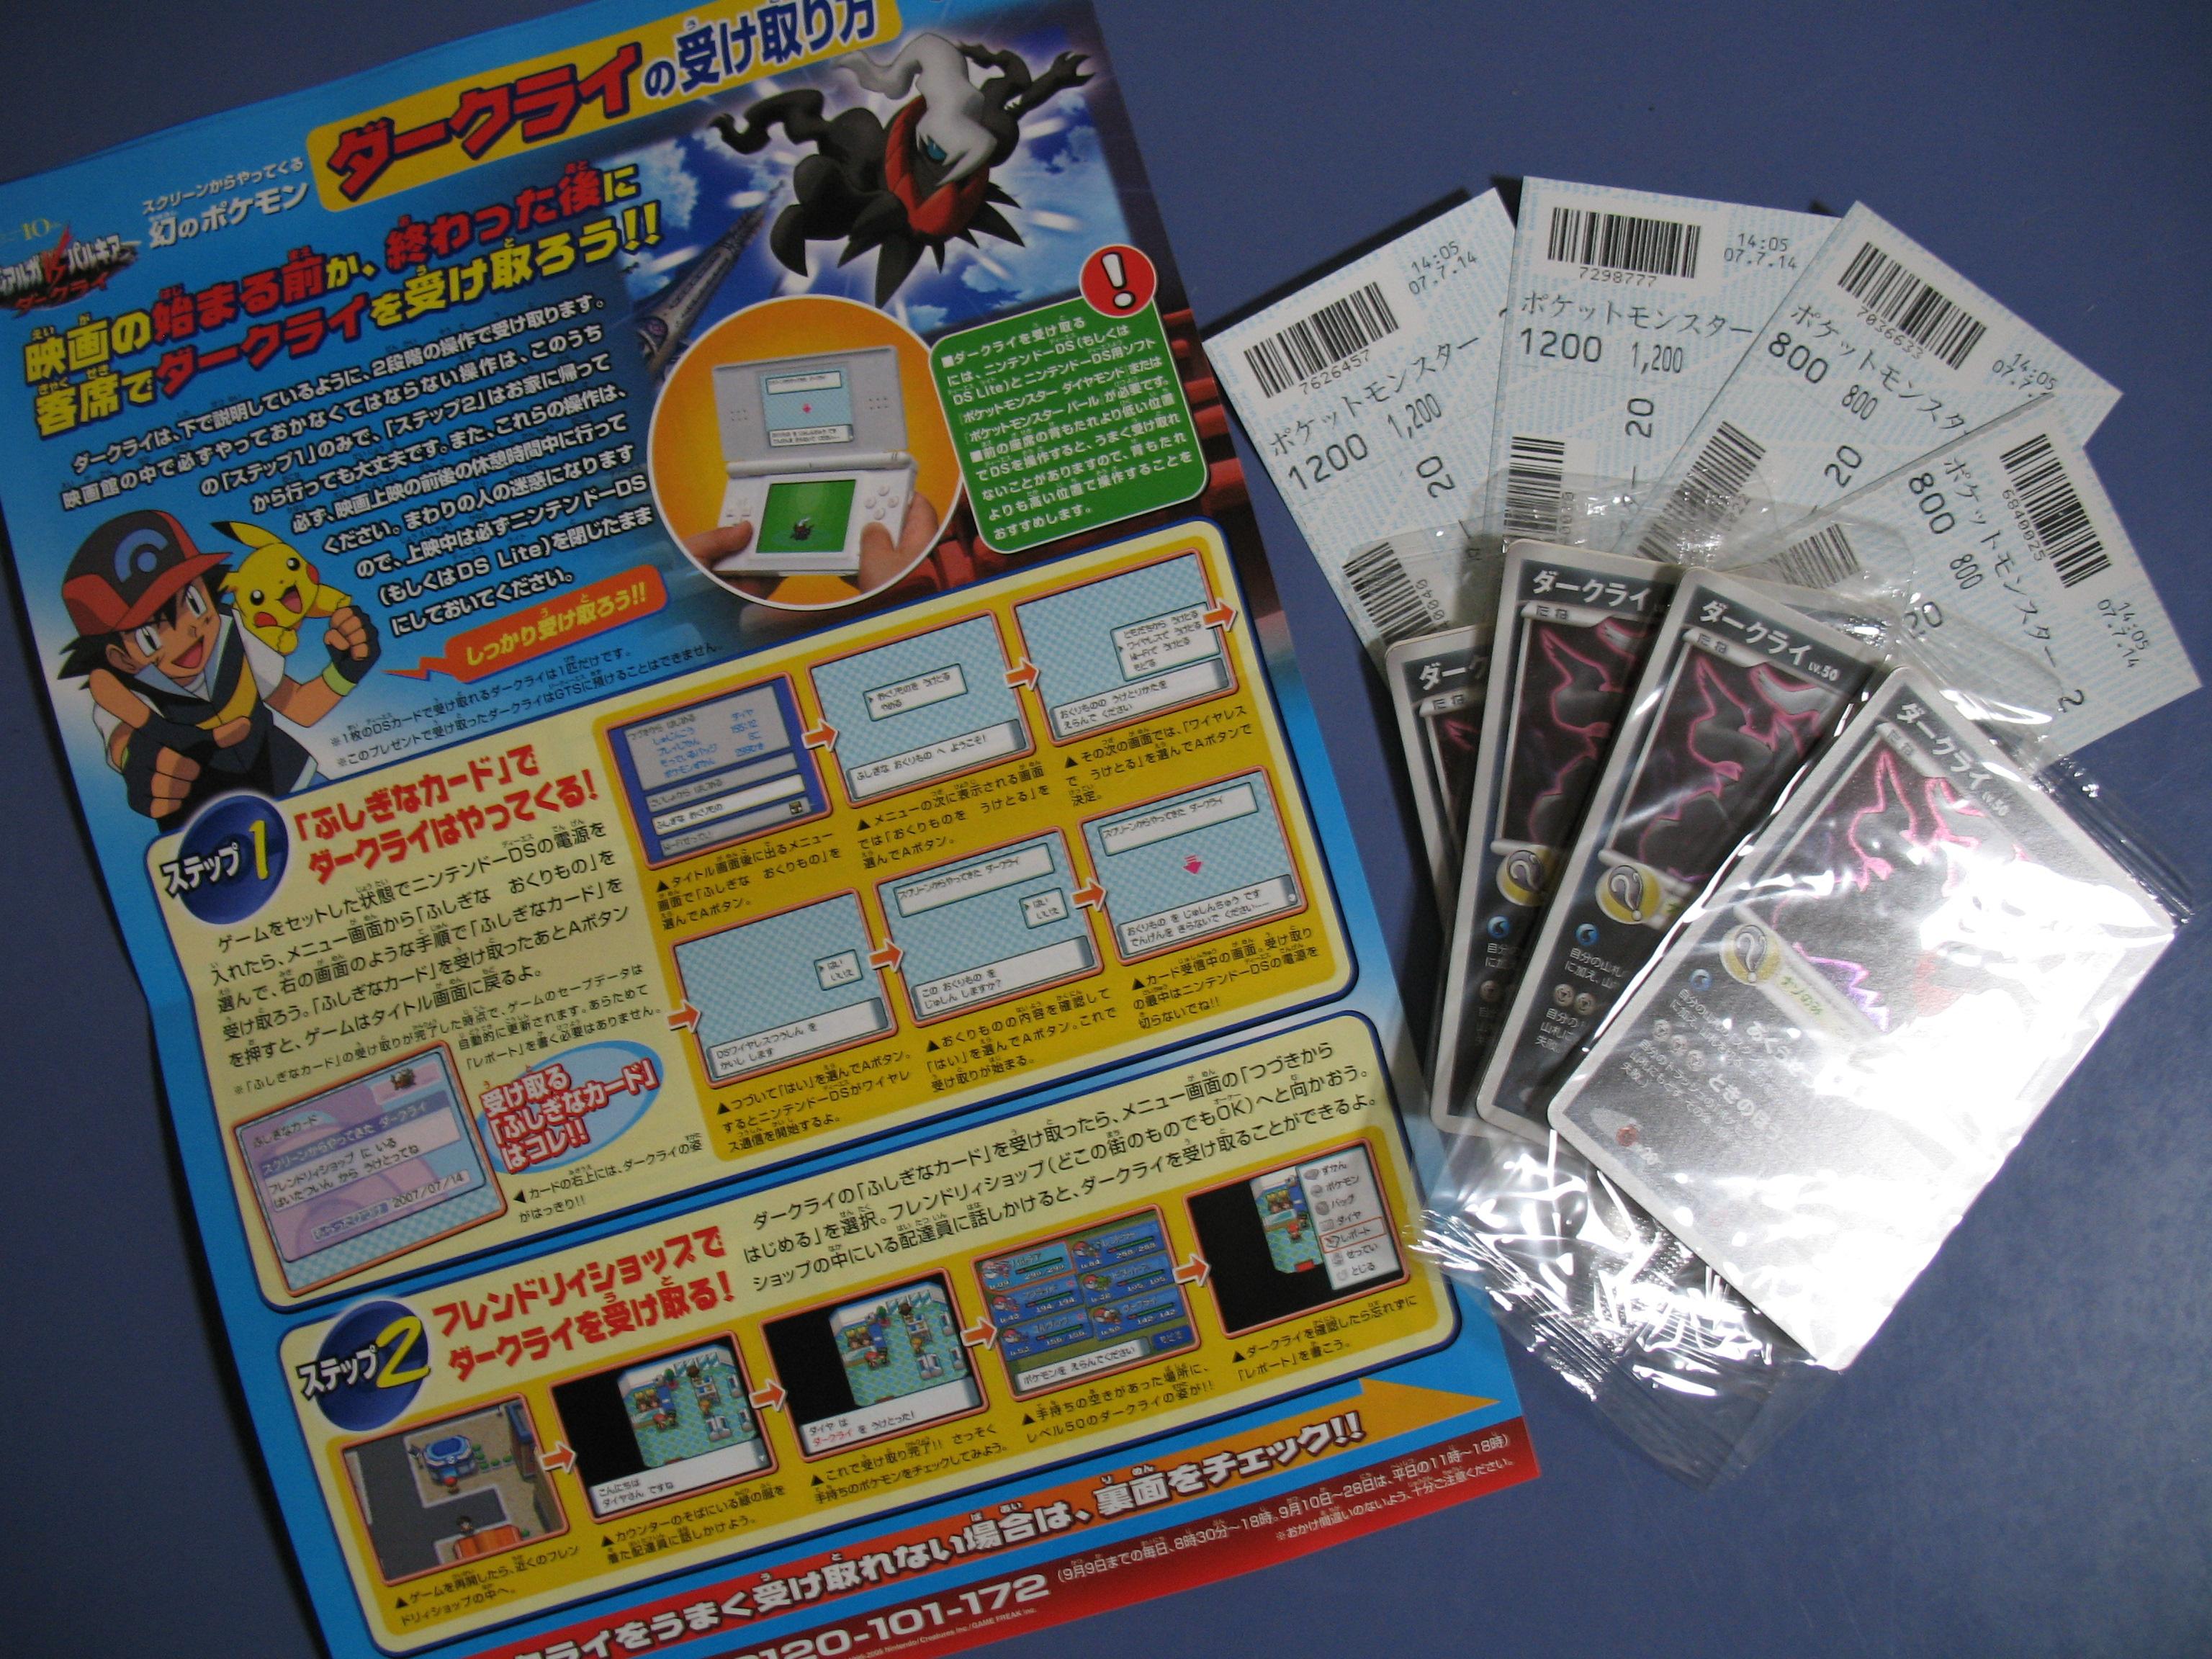 ポケモン映画チケット☆: なすびんちゃ~通信